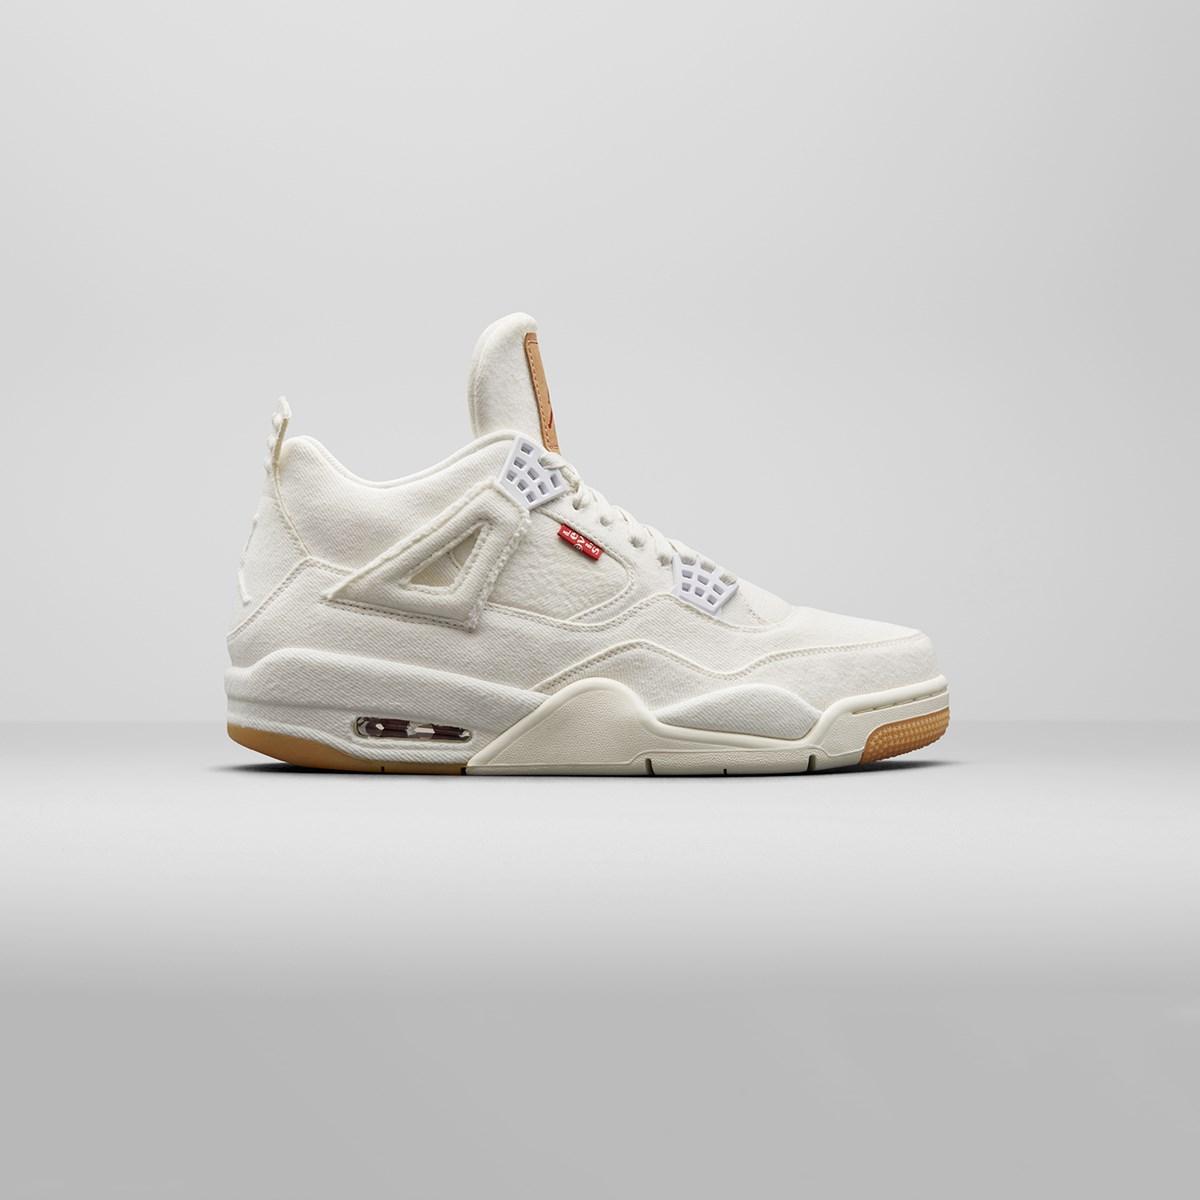 new concept 2e159 e1507 jordan brand air 4 retro levis nrg gs aq9103 100 sneakers   streetwear på  nät